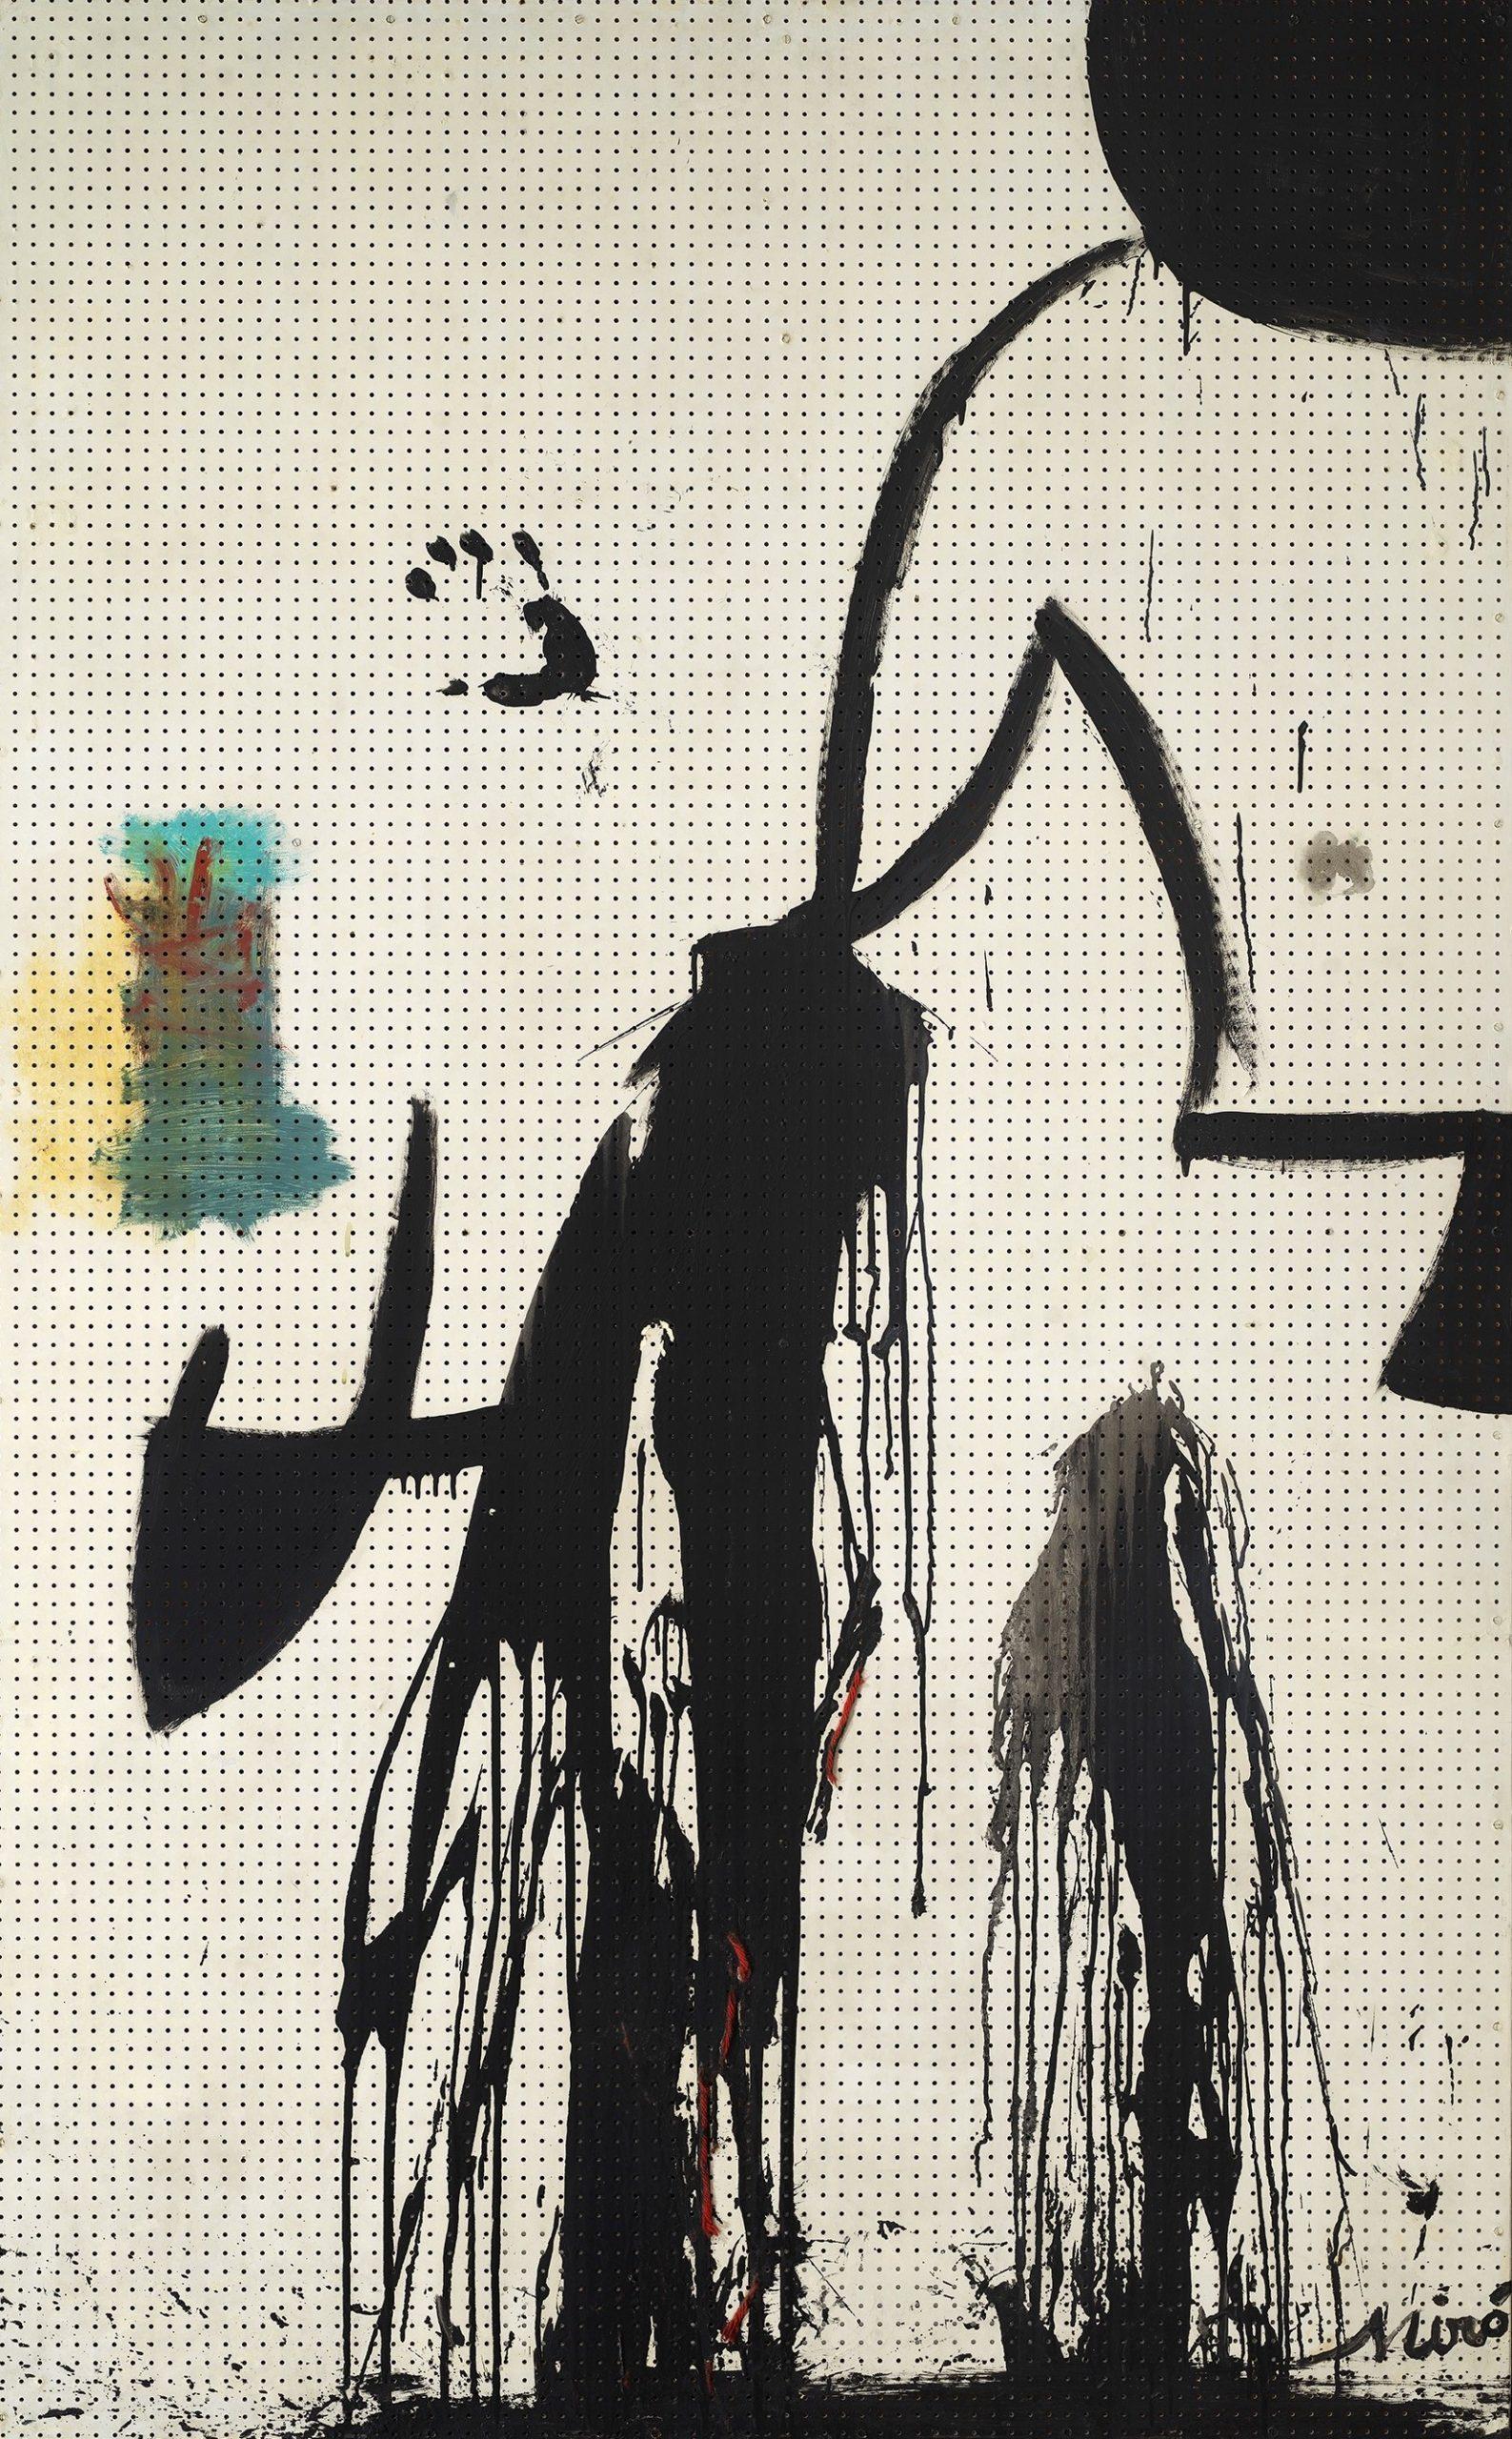 Joan Miró, Peinture (Projet pour une tapisserie), 1973-74 Peinture d'intérieur, huile et laine sur bois 197 x 122 cm, courtesy galerie Mayoral